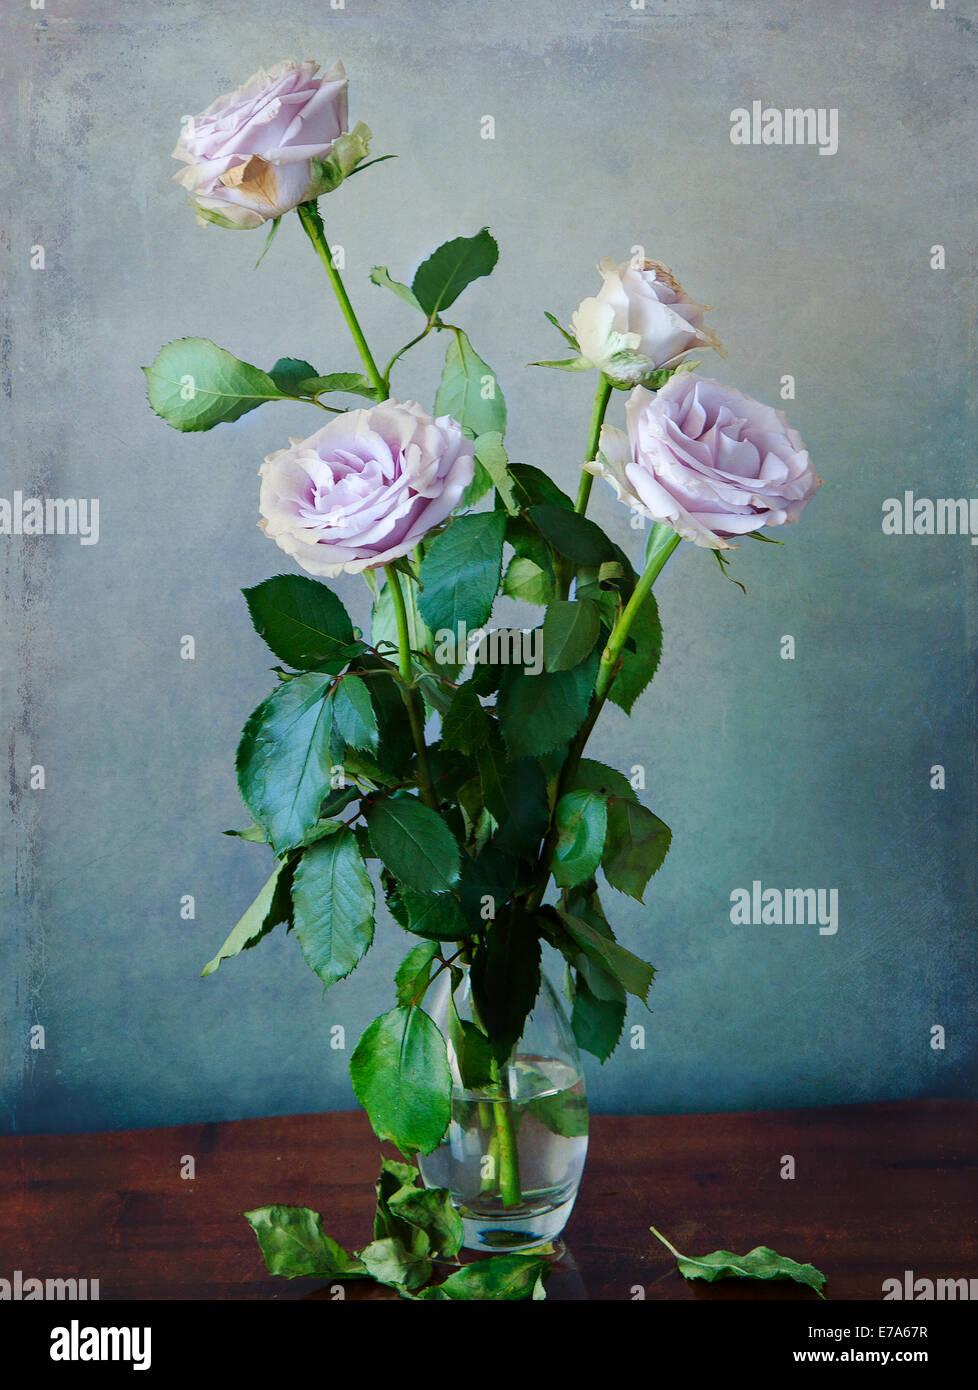 Vintage Still Innenlebens: romantische rosa Rosen im Glas auf einem hölzernen Tisch und Grunge Textur Stockfoto